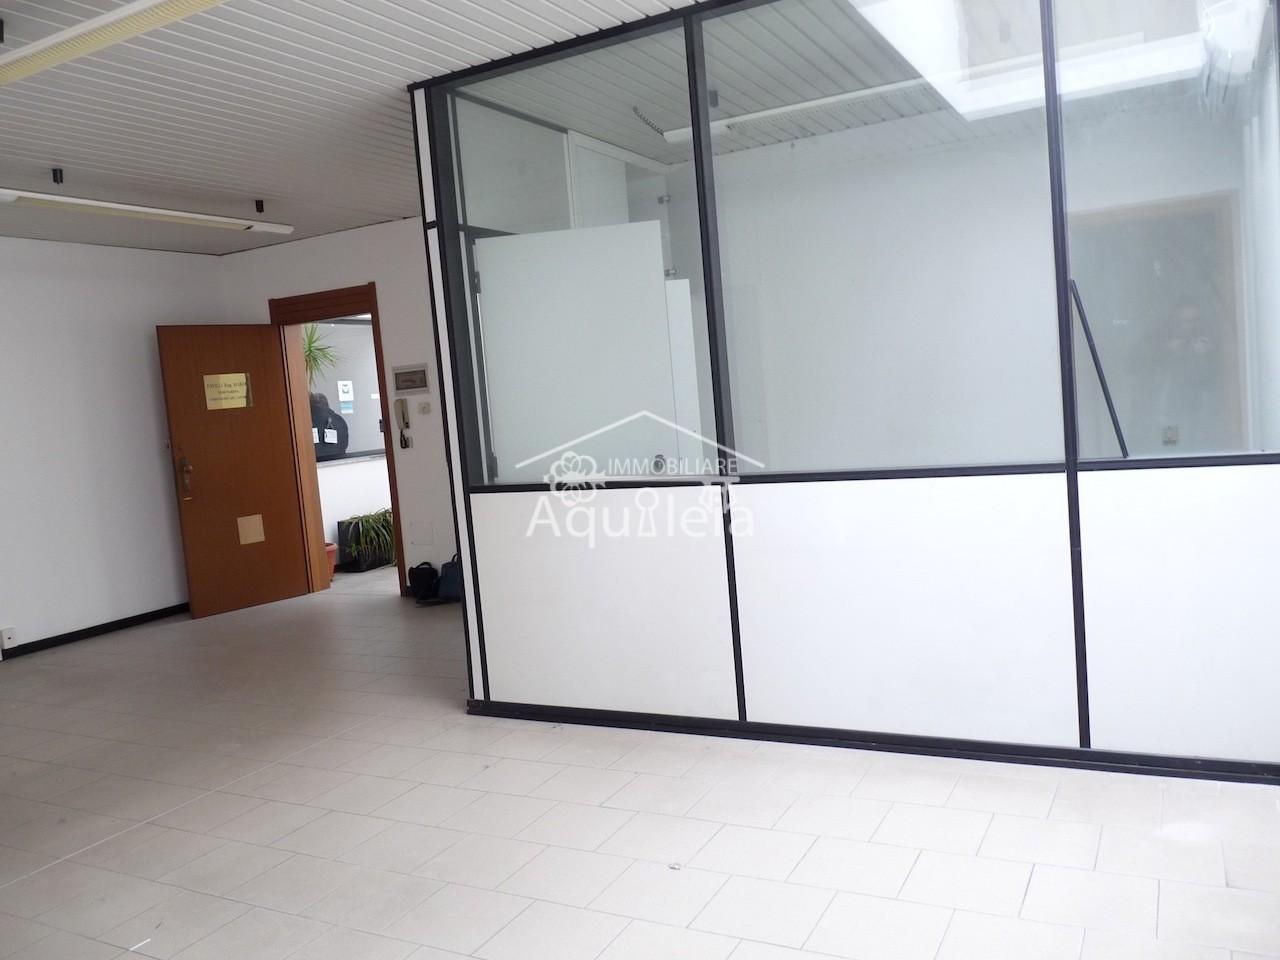 Ufficio in affitto commerciale a Grosseto